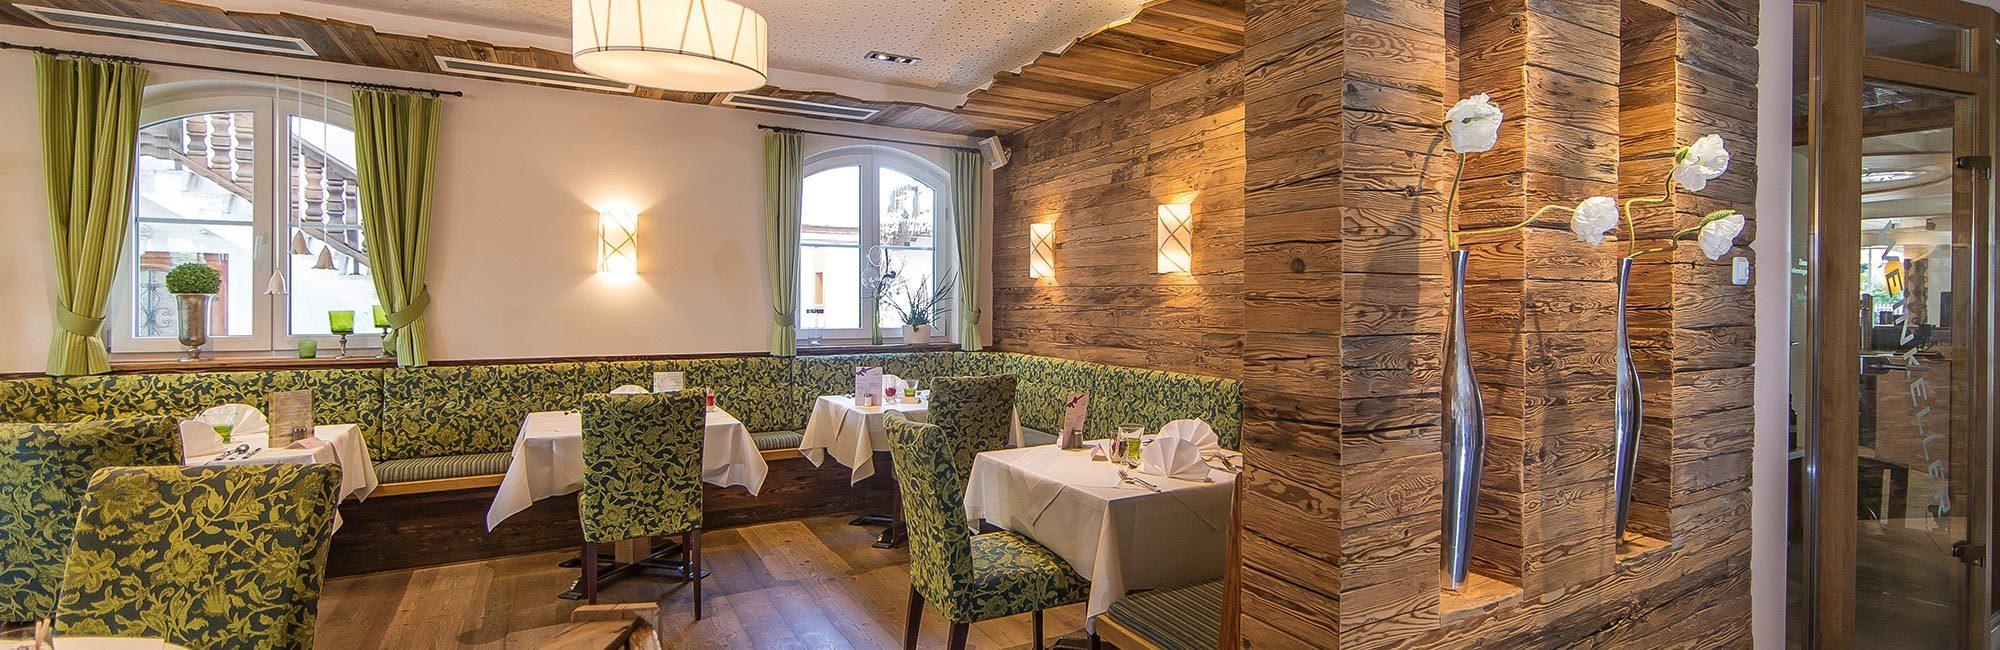 Holz und Altholz sind ein Blickfang in der Hoteleinchtung des Landhotels Stemp | Waldbauer